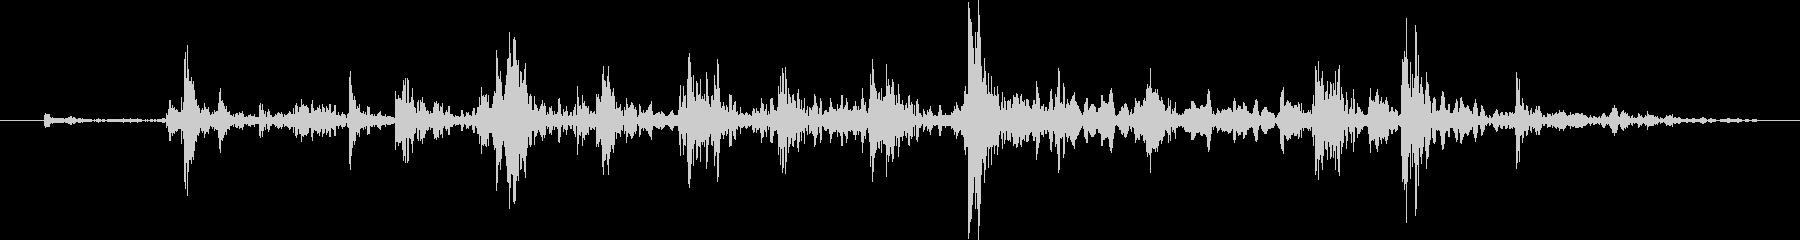 メタルドアハンドル:MOVEMEN...の未再生の波形